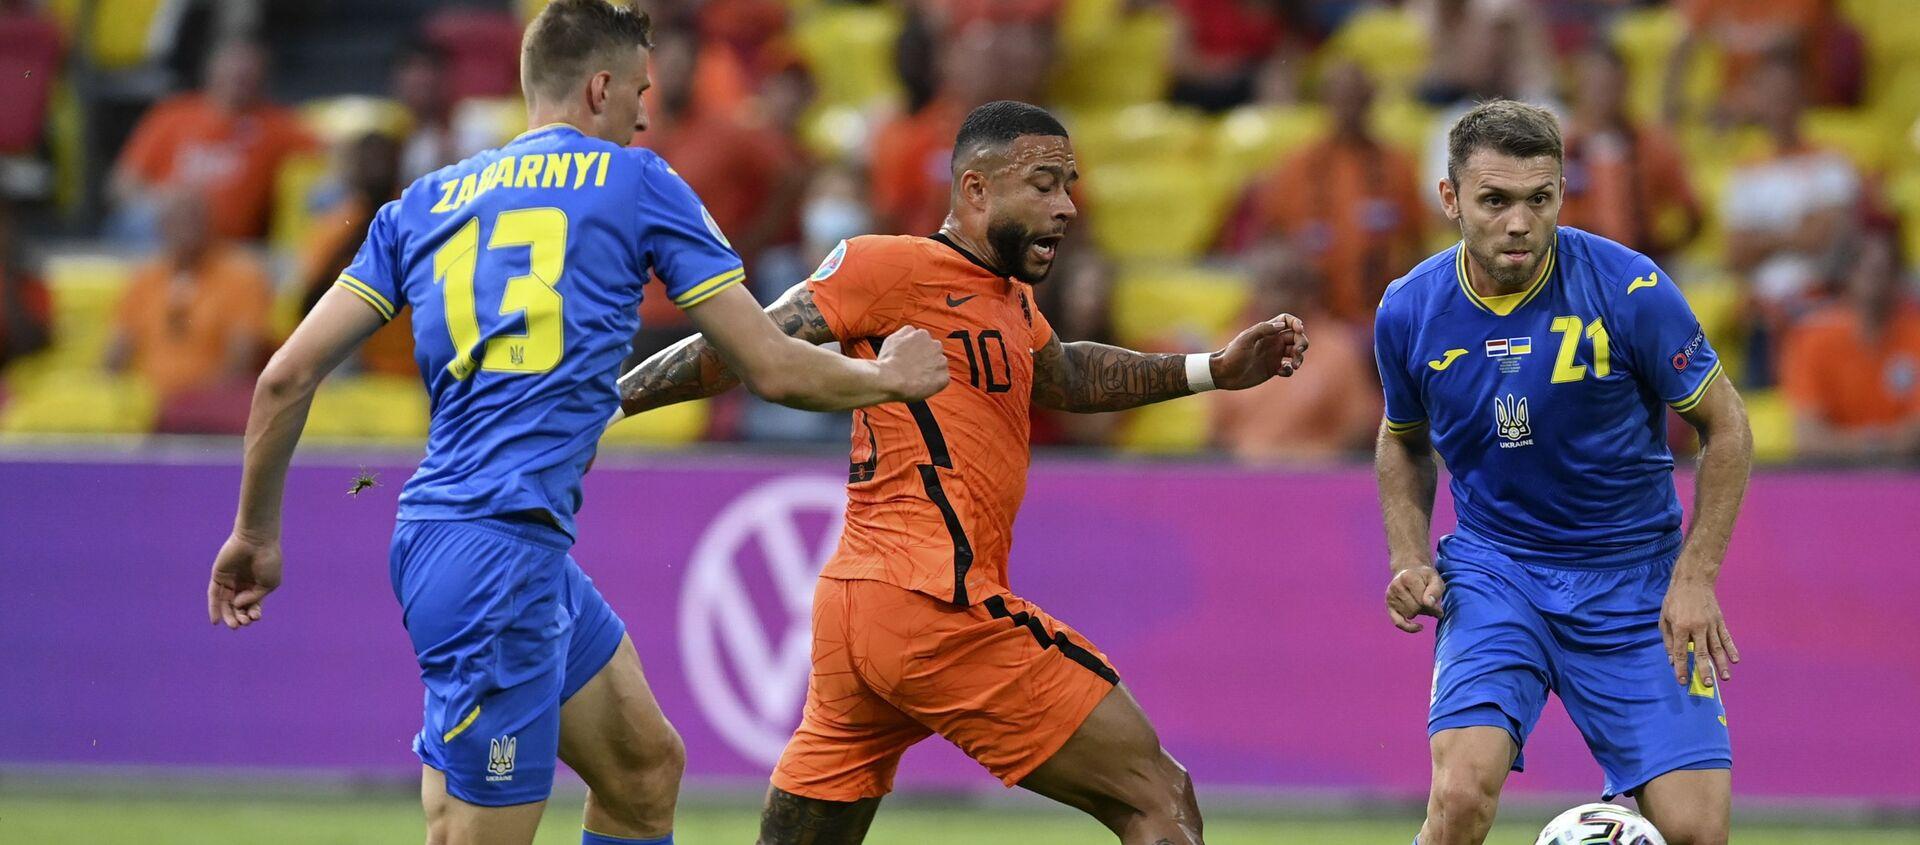 Trận đấu giữa đội tuyển Hà Lan và Ukraina tại Euro 2020 - Sputnik Việt Nam, 1920, 14.06.2021